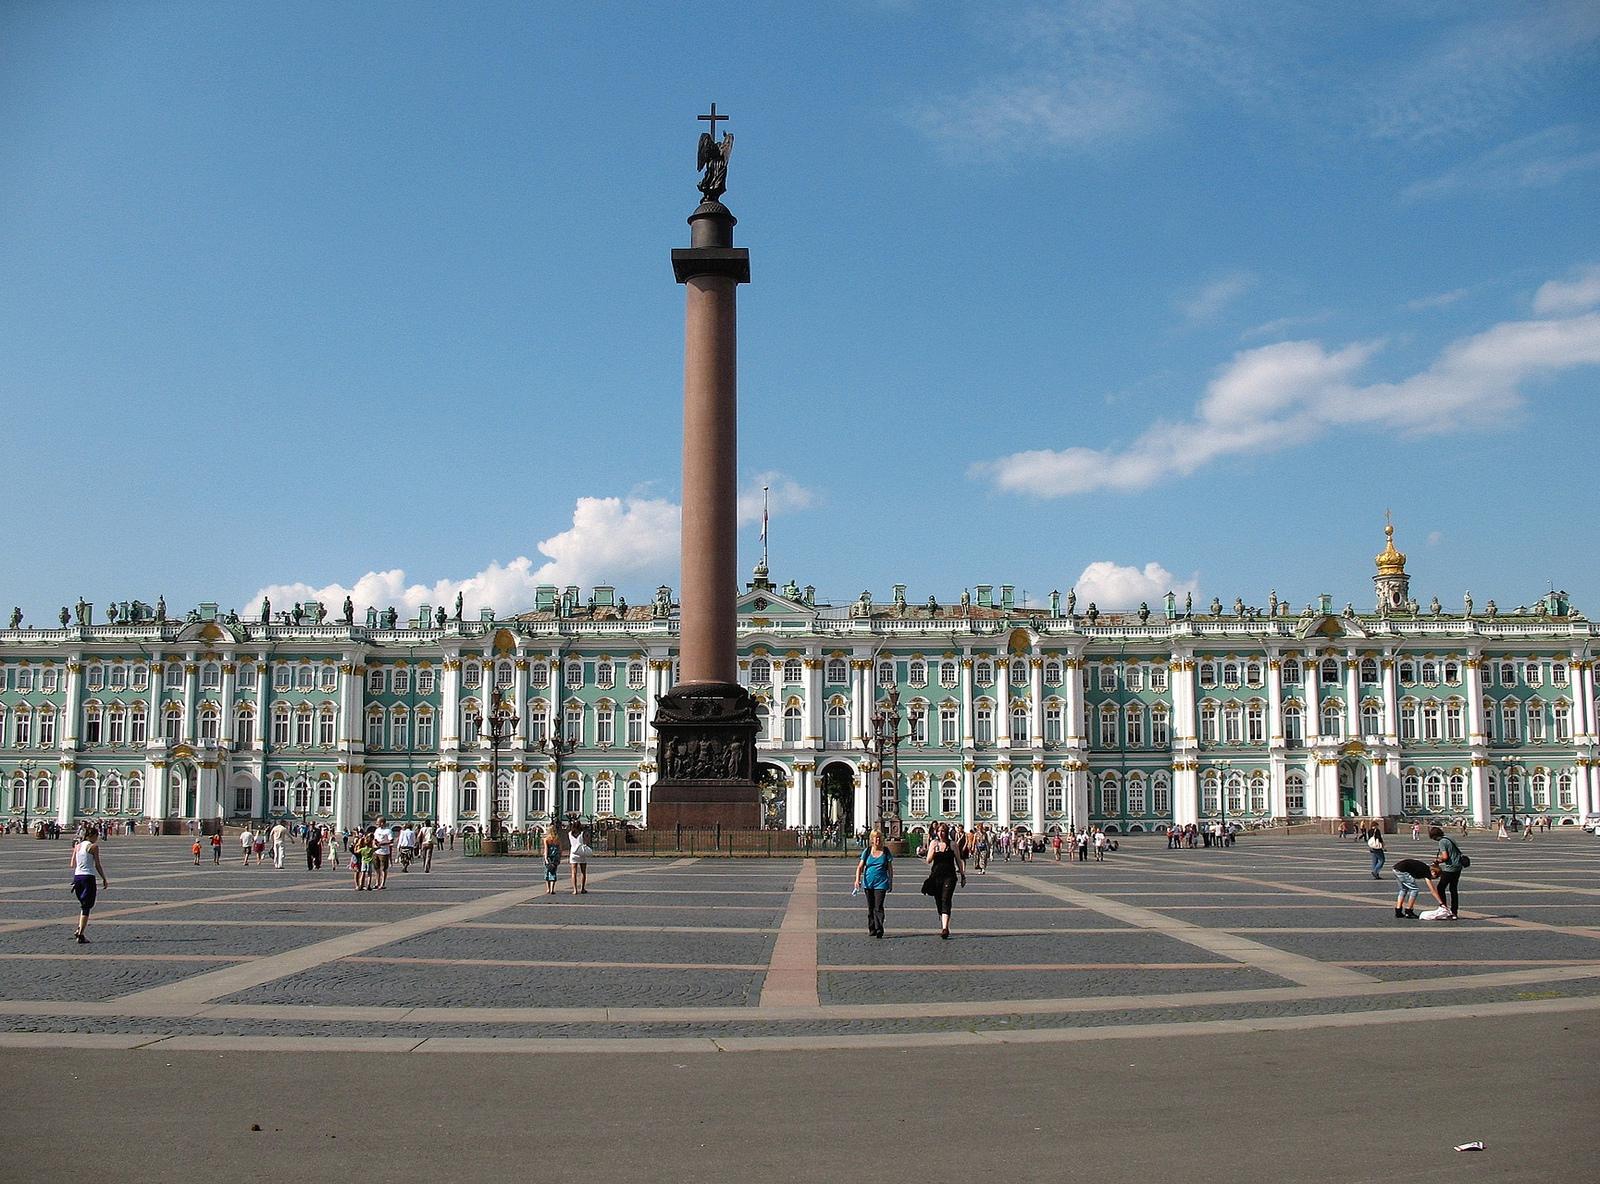 Площадь перед Александровской колонной, Санкт-Петербург